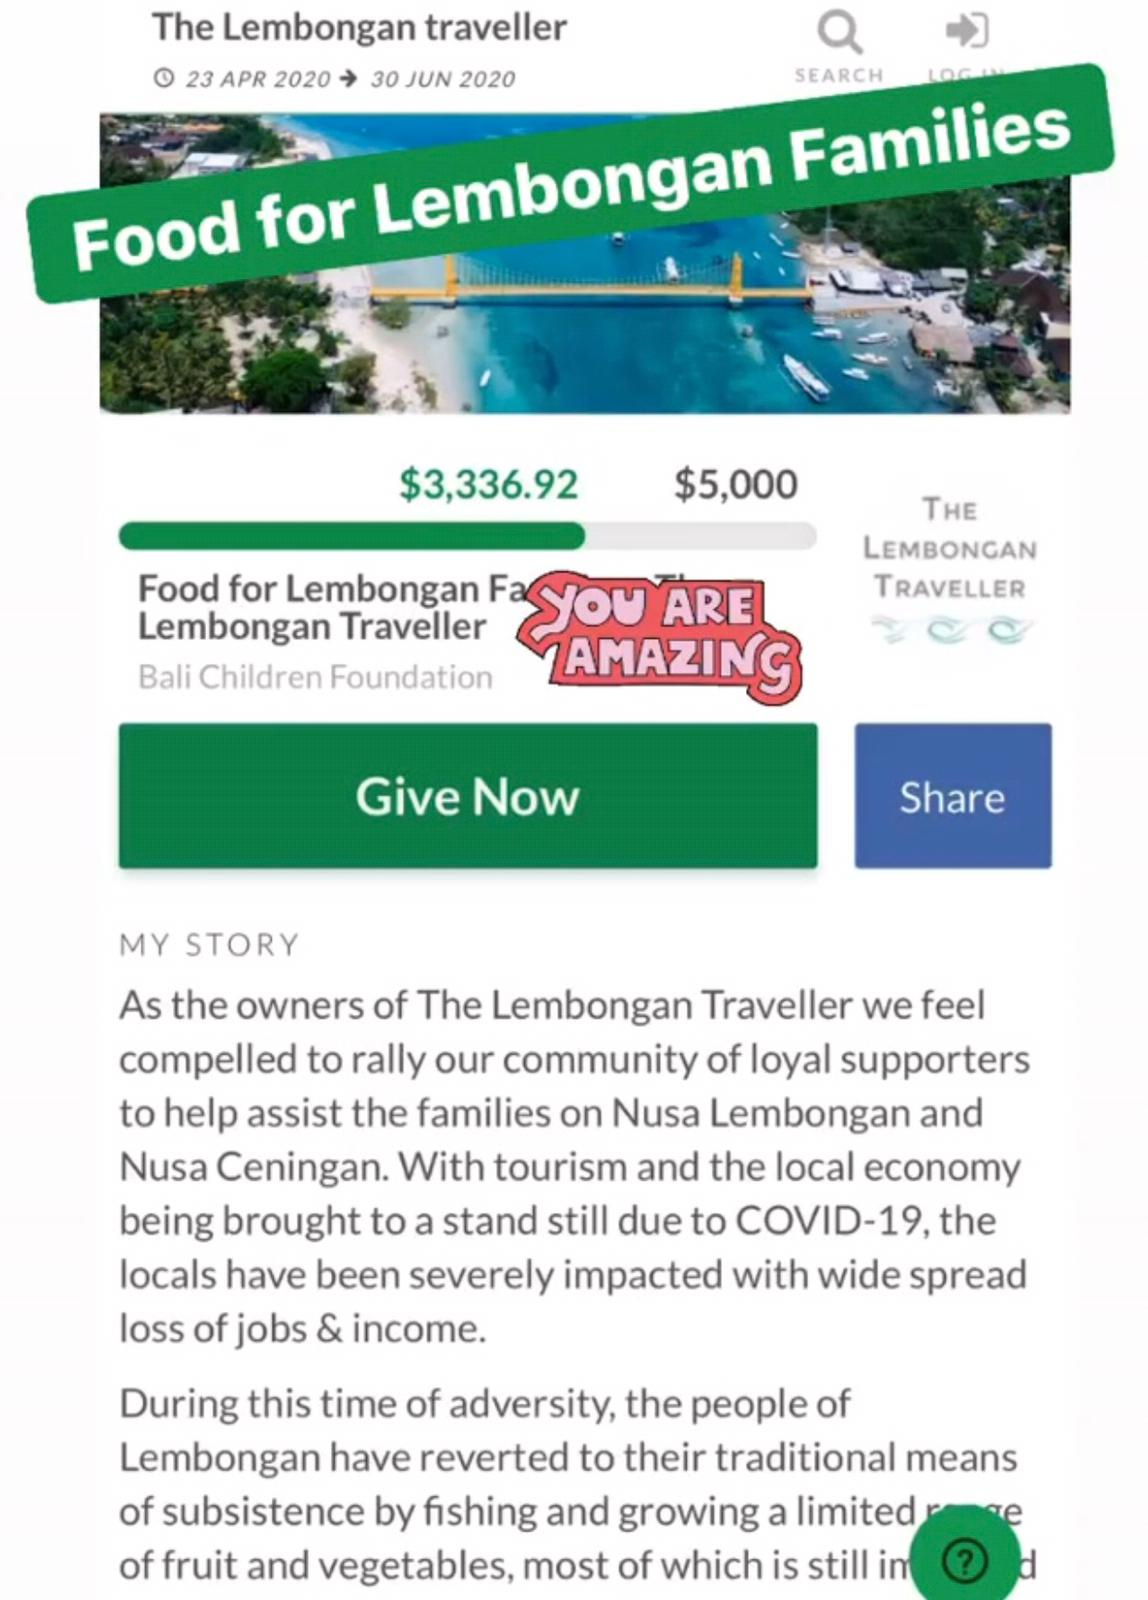 Fundraiser, Lembongan Hotels, Lembongan Resorts, Lembongan Bungalows, Lembongan Villas, The Lembongan Traveller, Nusa Lembongan Hotels, Nusa Lembongan Resorts, Nusa Lembongan Bungalows, Nusa Lembongan Villas,